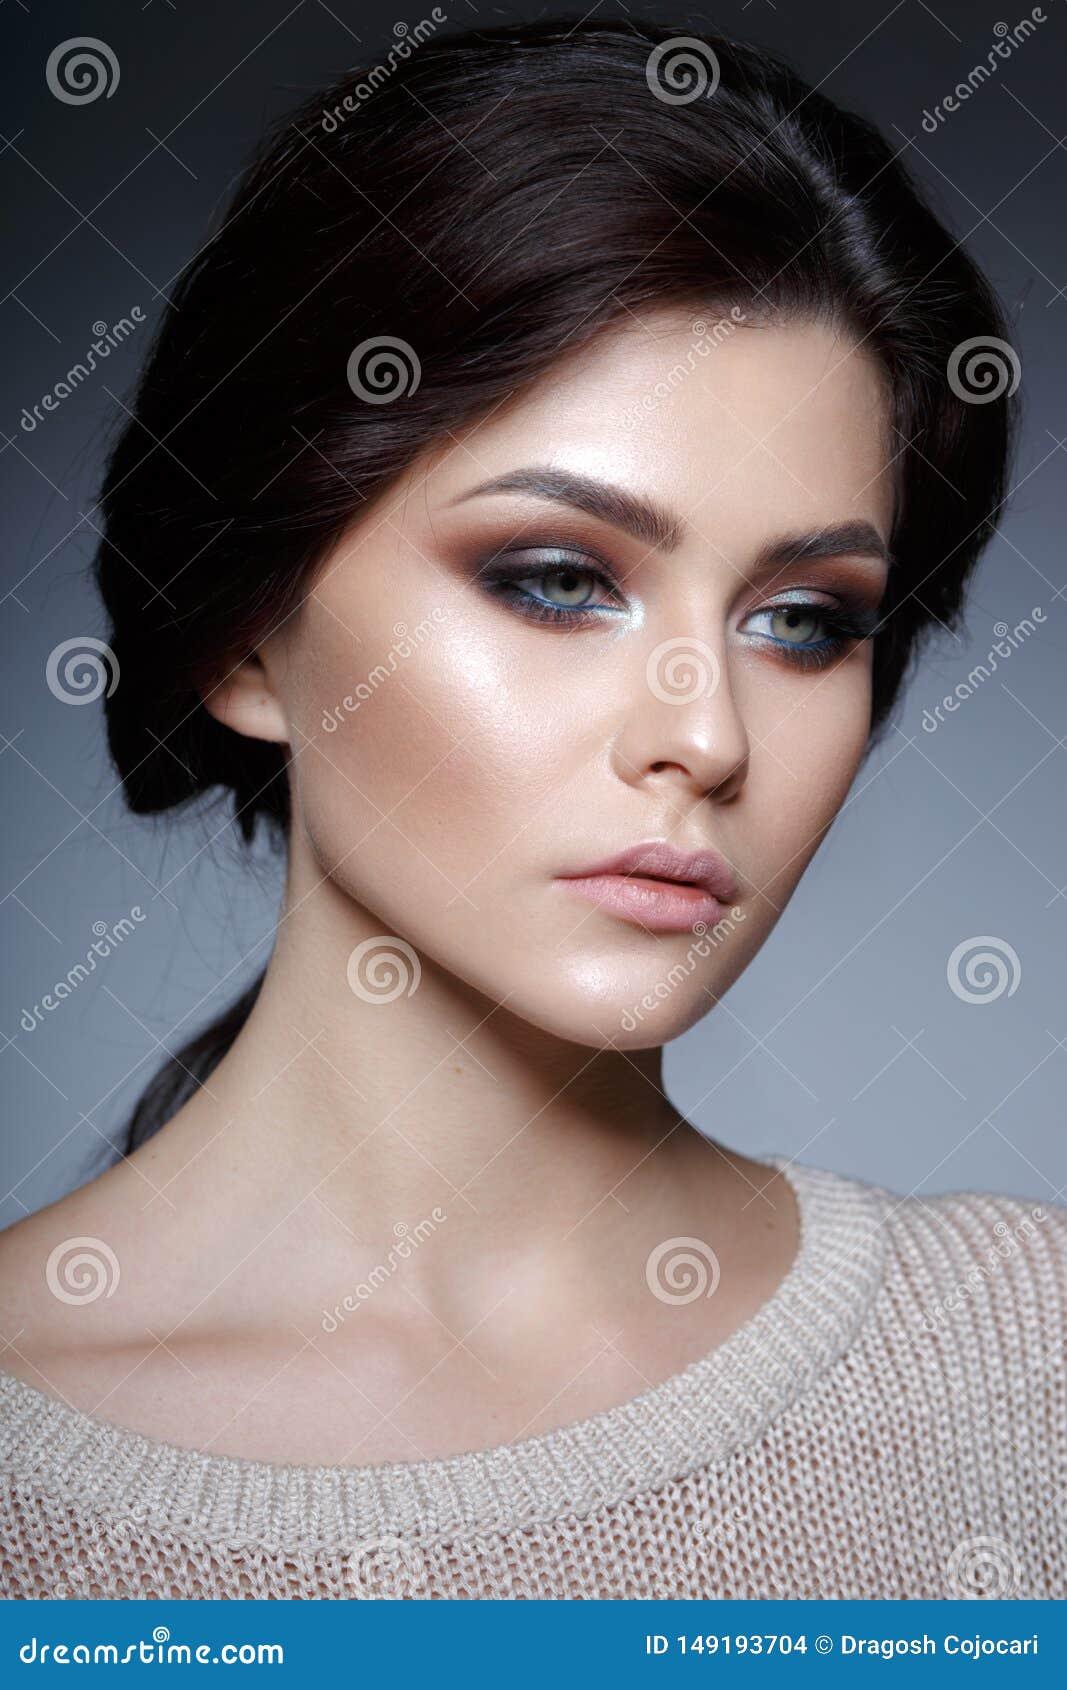 Близкий поднимающий вверх портрет профиля грациозной молодой женщины с идеальным макияжем и свежей кожей, на серой предпосылке